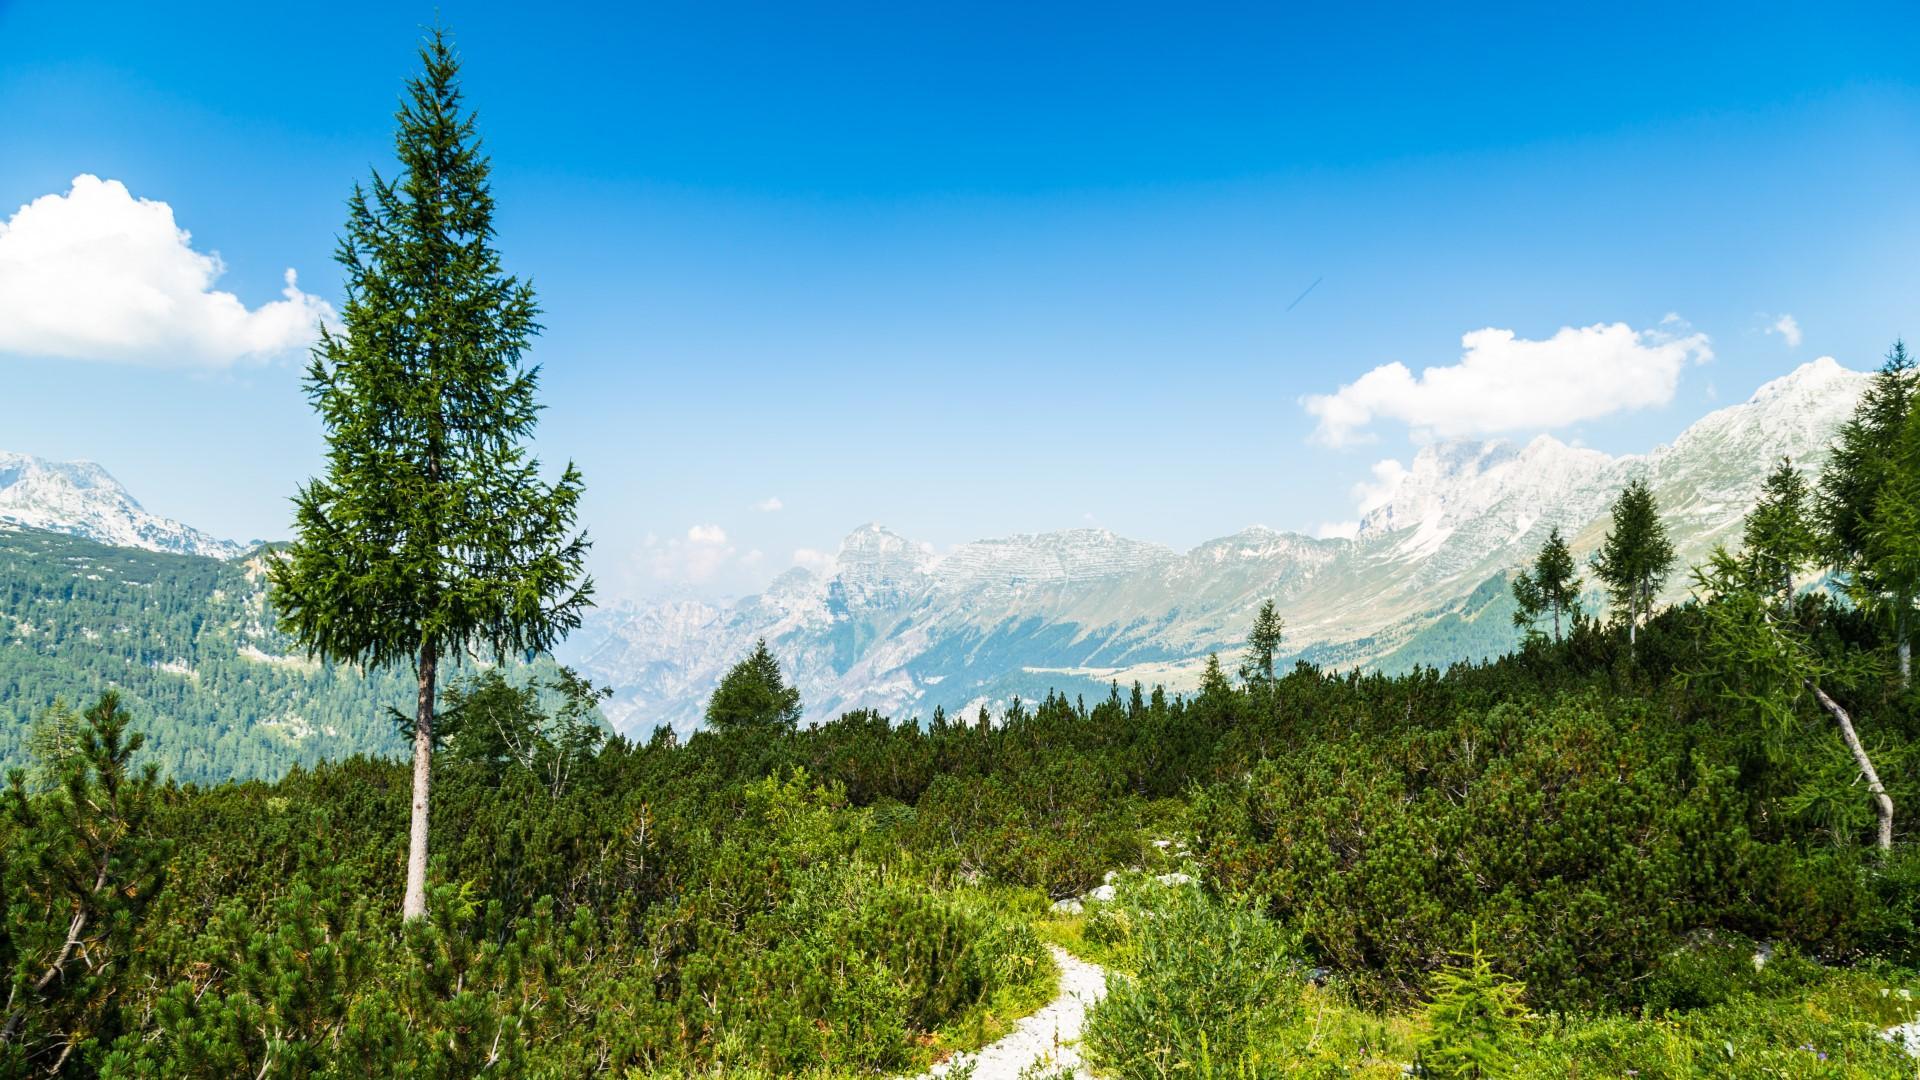 Turismo sostenibile: le migliori destinazioni